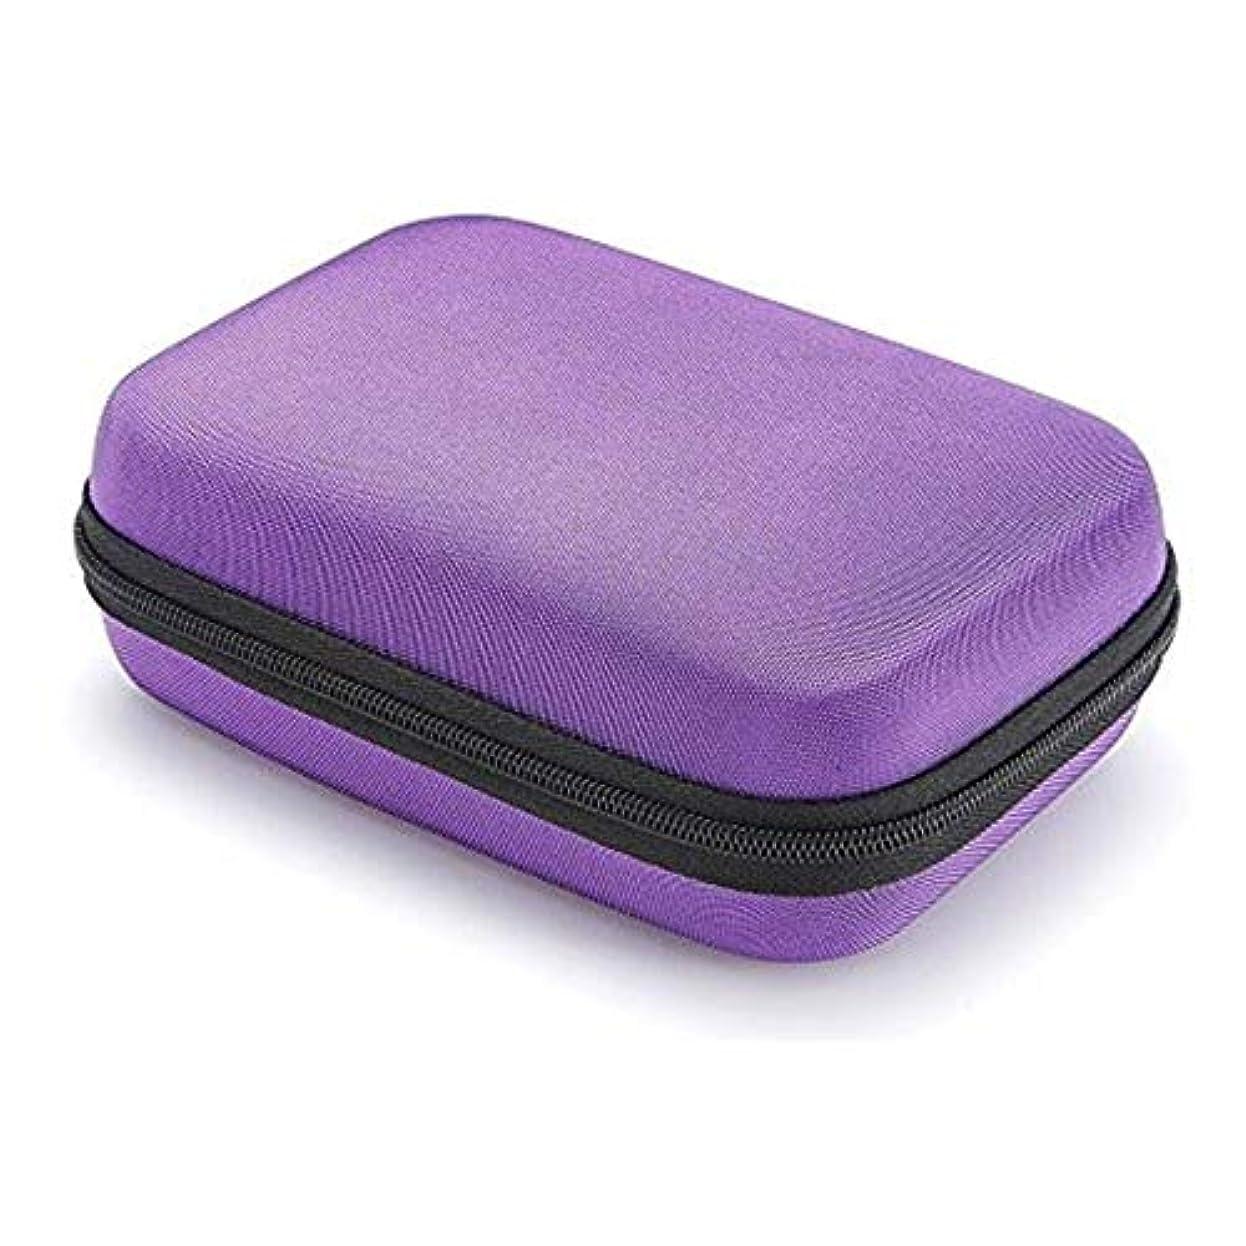 コンサートぬれた暗記するエッセンシャルオイル収納ケース 収納バッグ 携帯用ポーチ EVA製 防水 耐衝撃性 12本入り 10ml?15mlのボルトに適用 3色選べる junexi